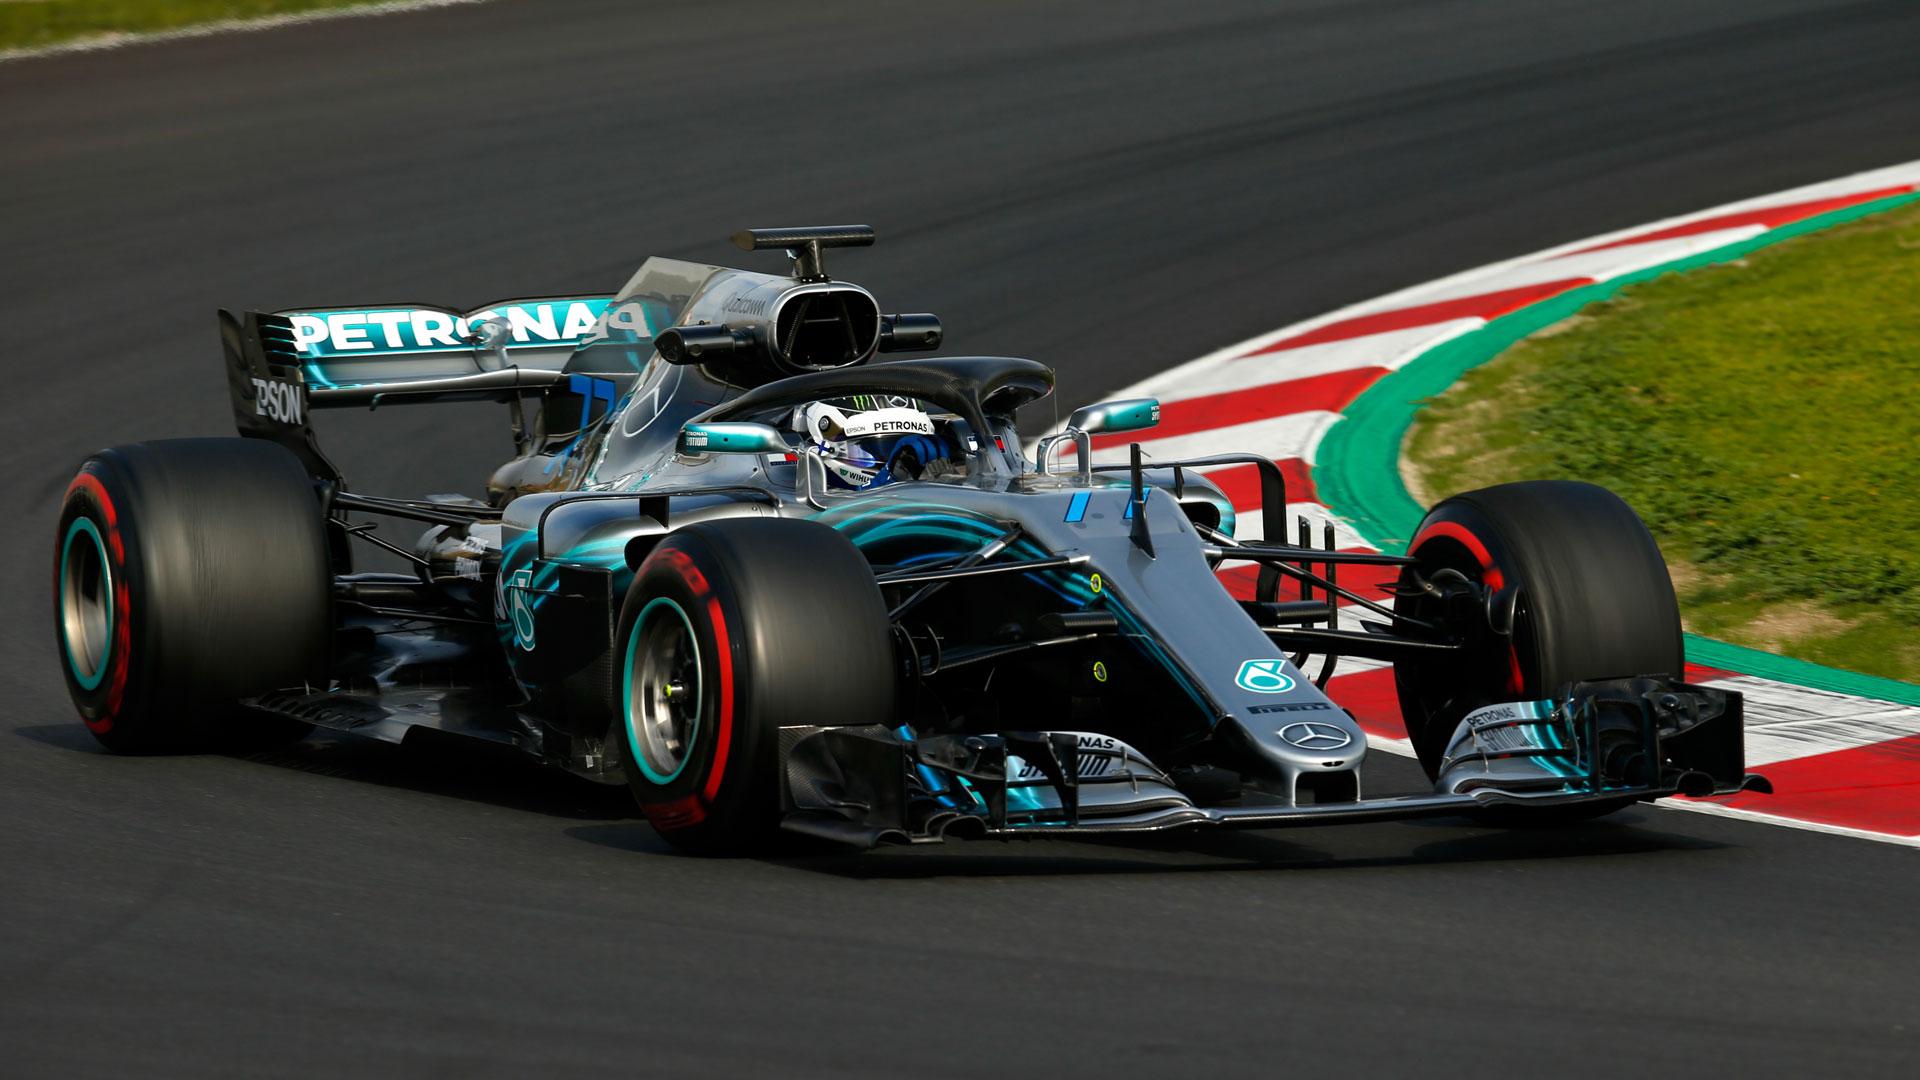 Formel 1 2019 vinnare